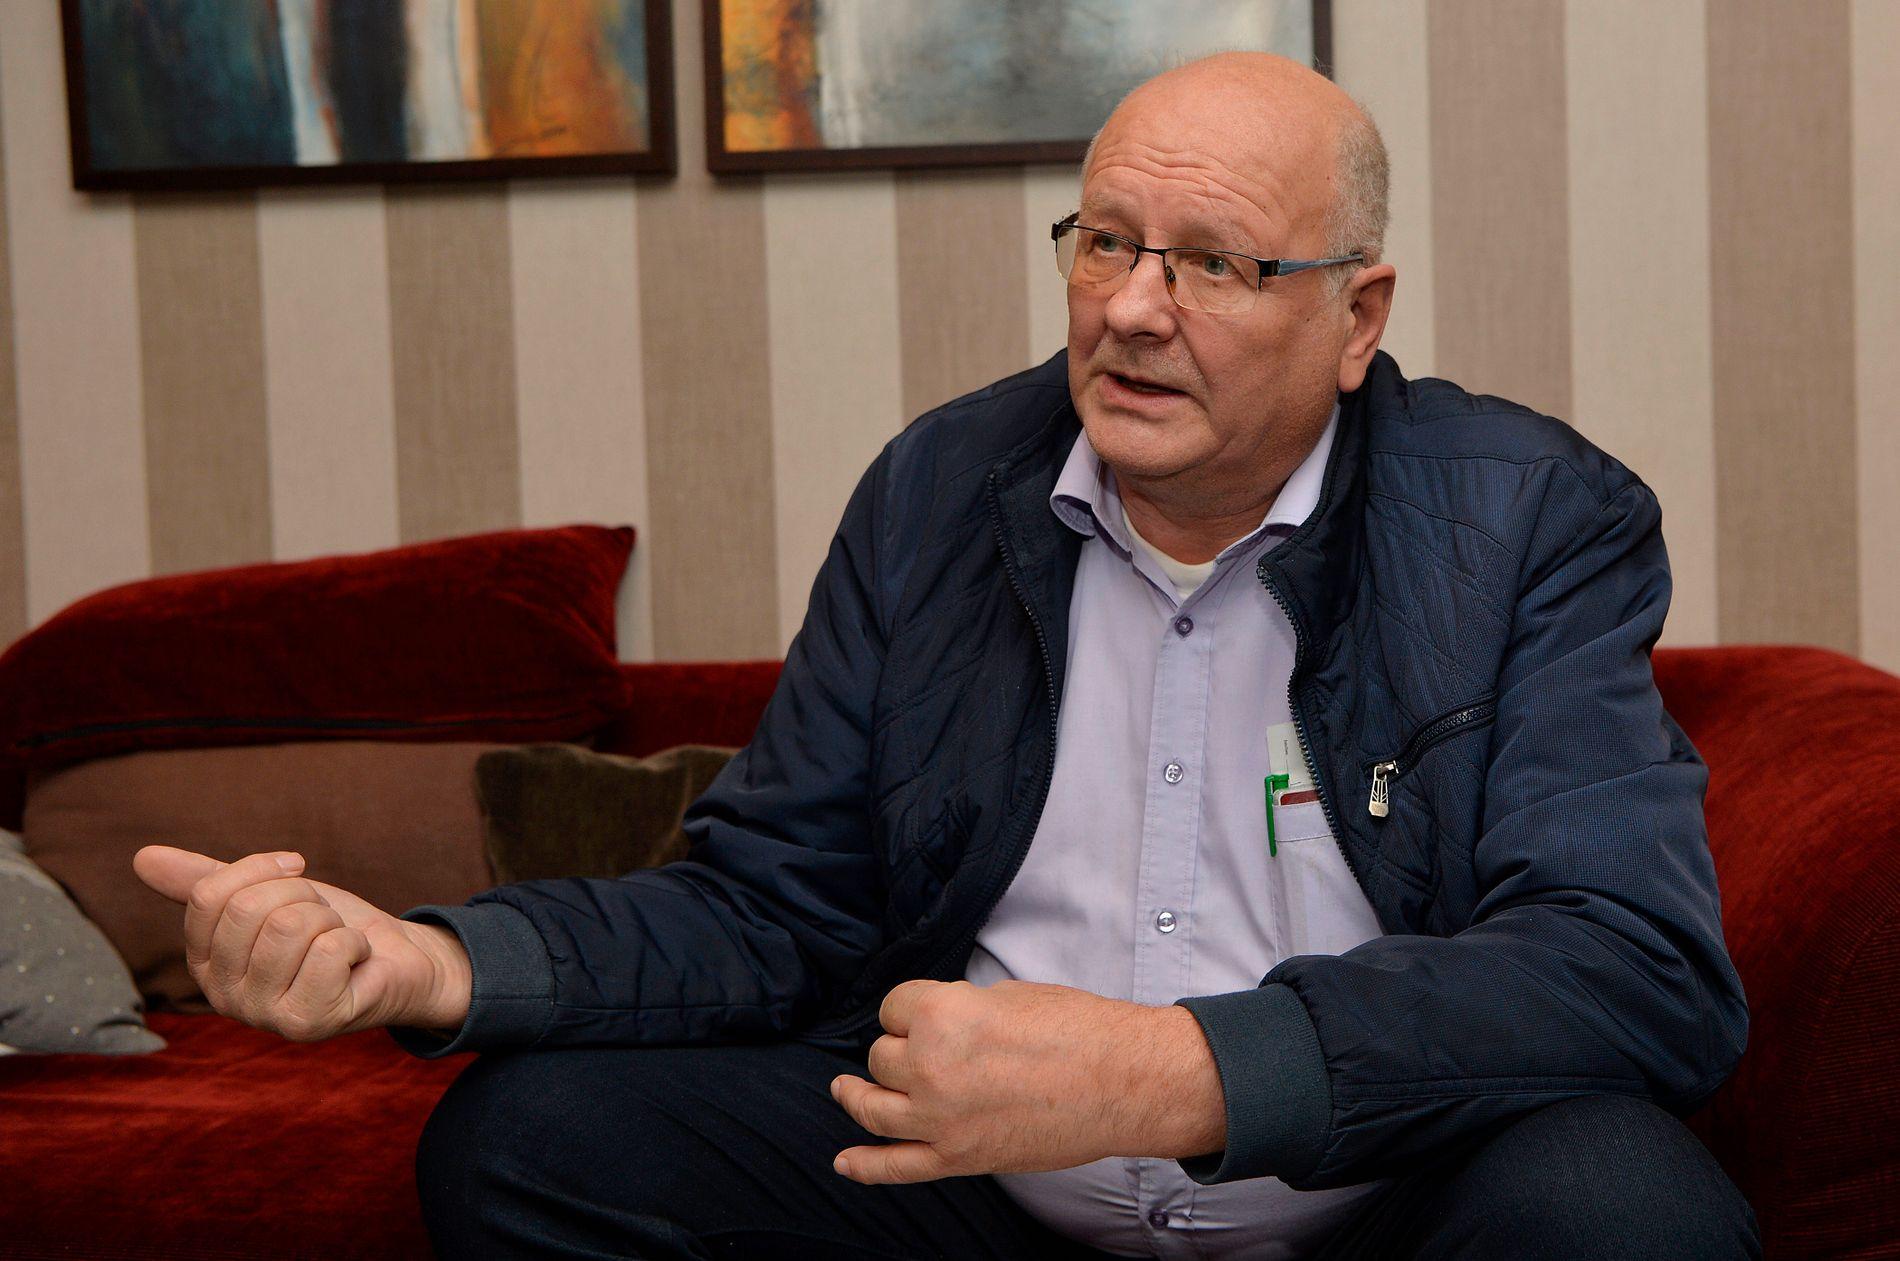 REAGERER: Atle Berge mener etterretningstjenesten har ødelagt for hans forretningsvirksomhet i Russland.